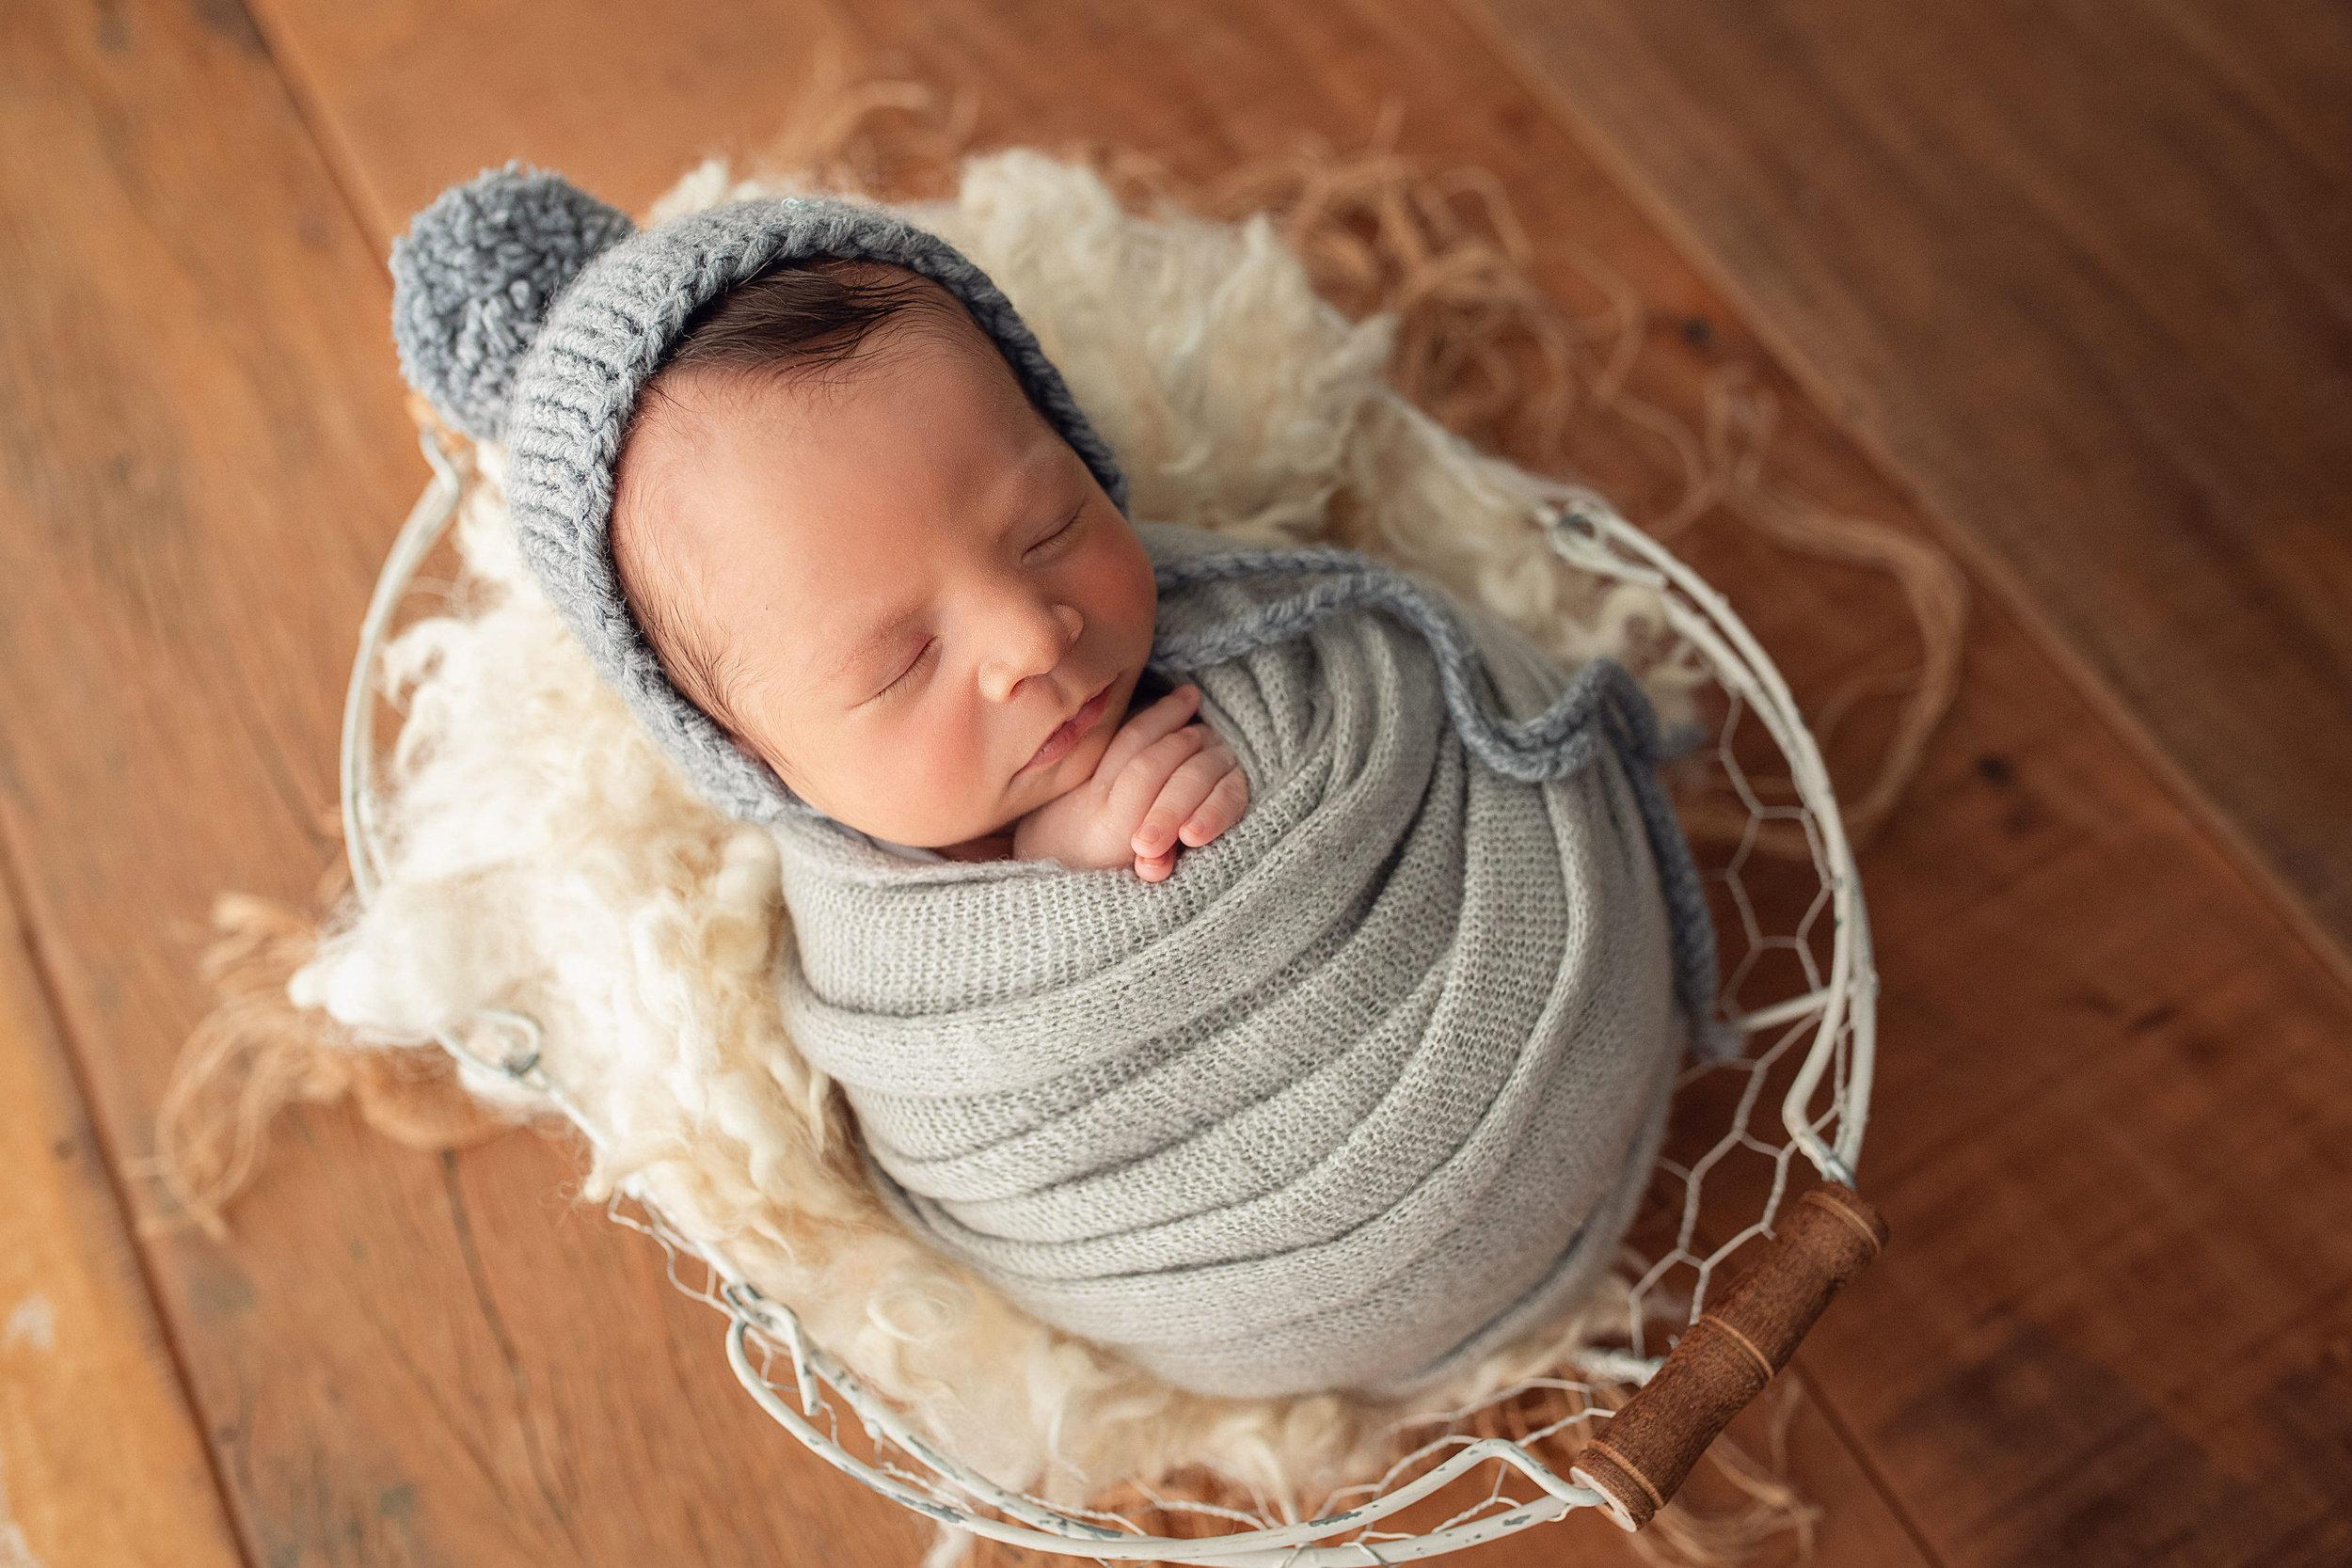 ensaio-newborn-fotografia-rio-de-janeiro-rj-barra-da-tijuca-estudio-em-casa-domicilio-perinatal-laranjeiras-zona-sul-sao-paulo-sp-rogerio-leandro-dr-workshop-mentoria-vip-melhor-18.jpg